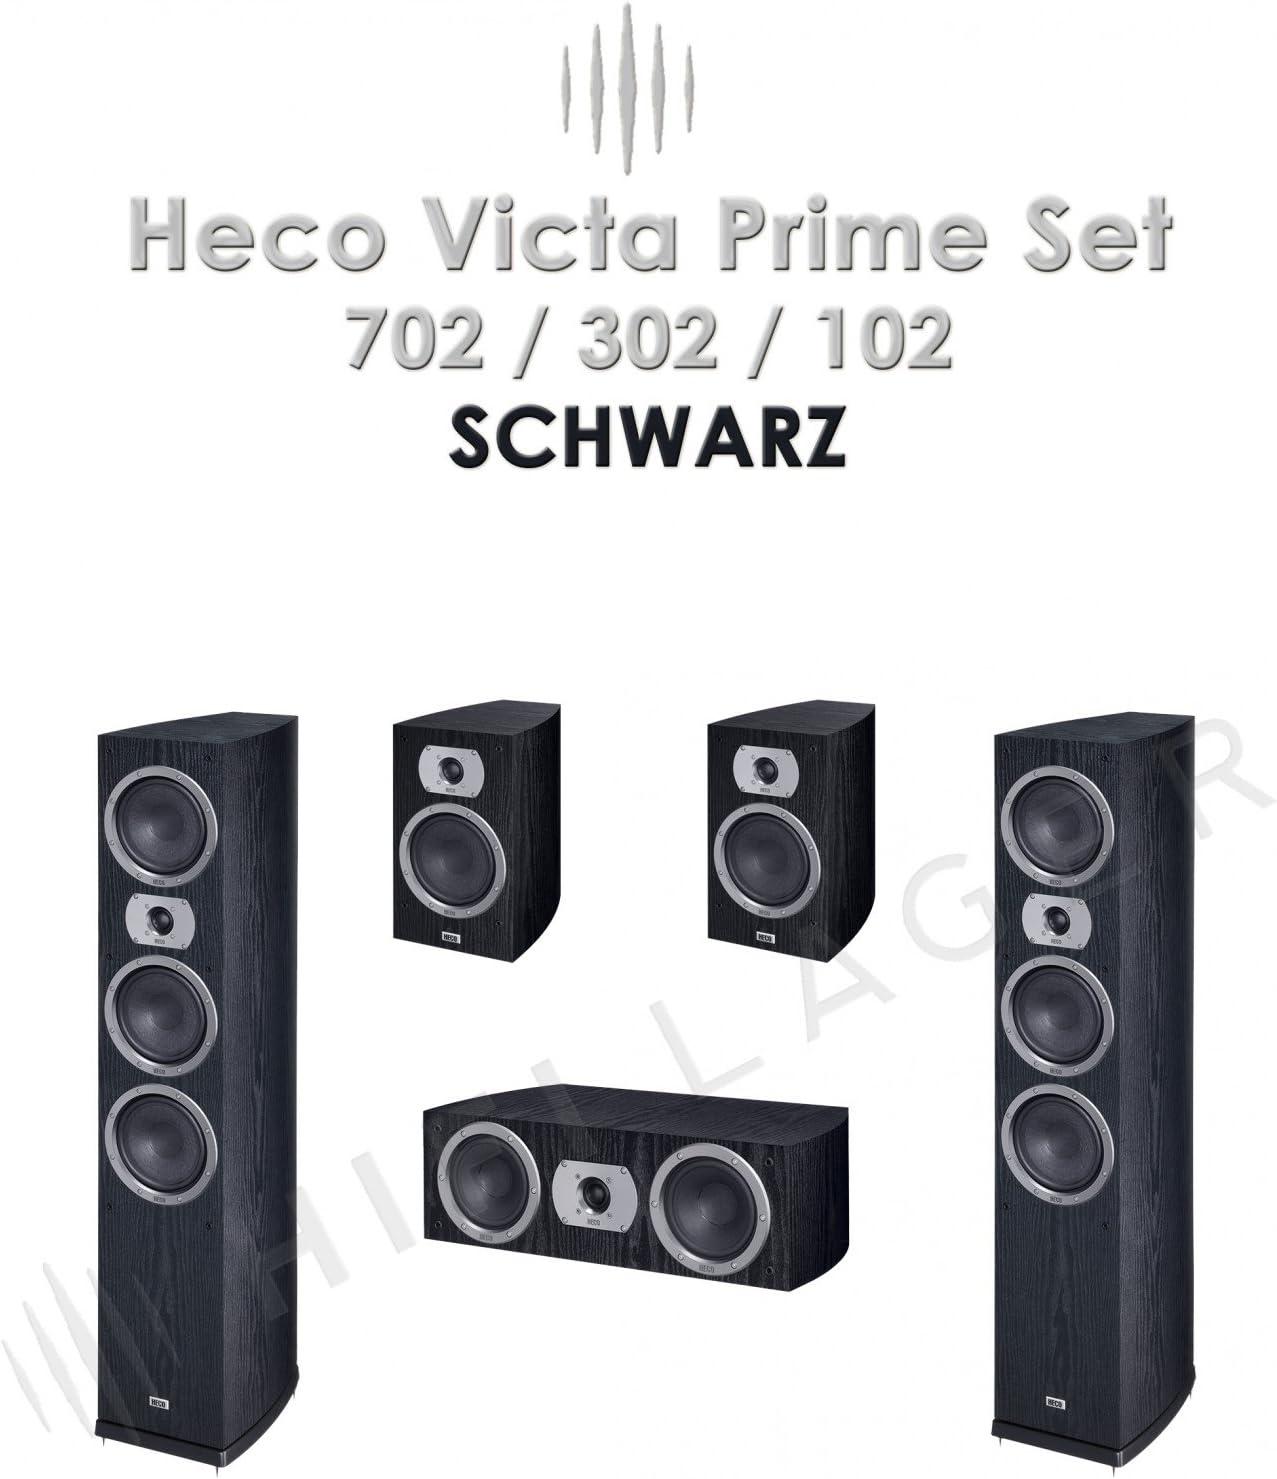 Heco Victa Prime 702 302 102 Set Farbe Schwarz Serie Elektronik